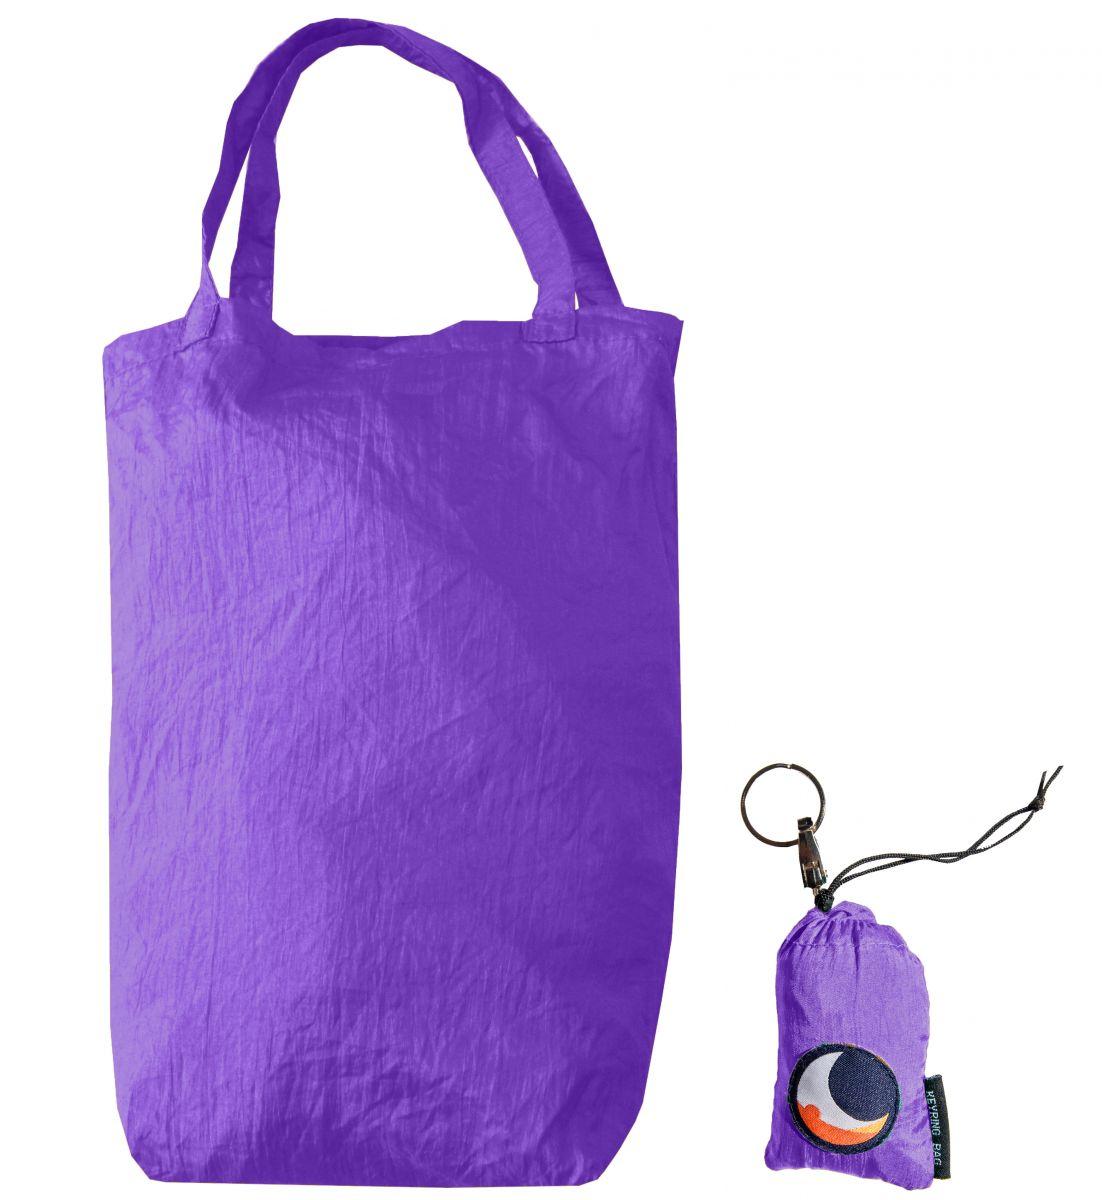 Τσάντα Με Μπρελόκ Purple